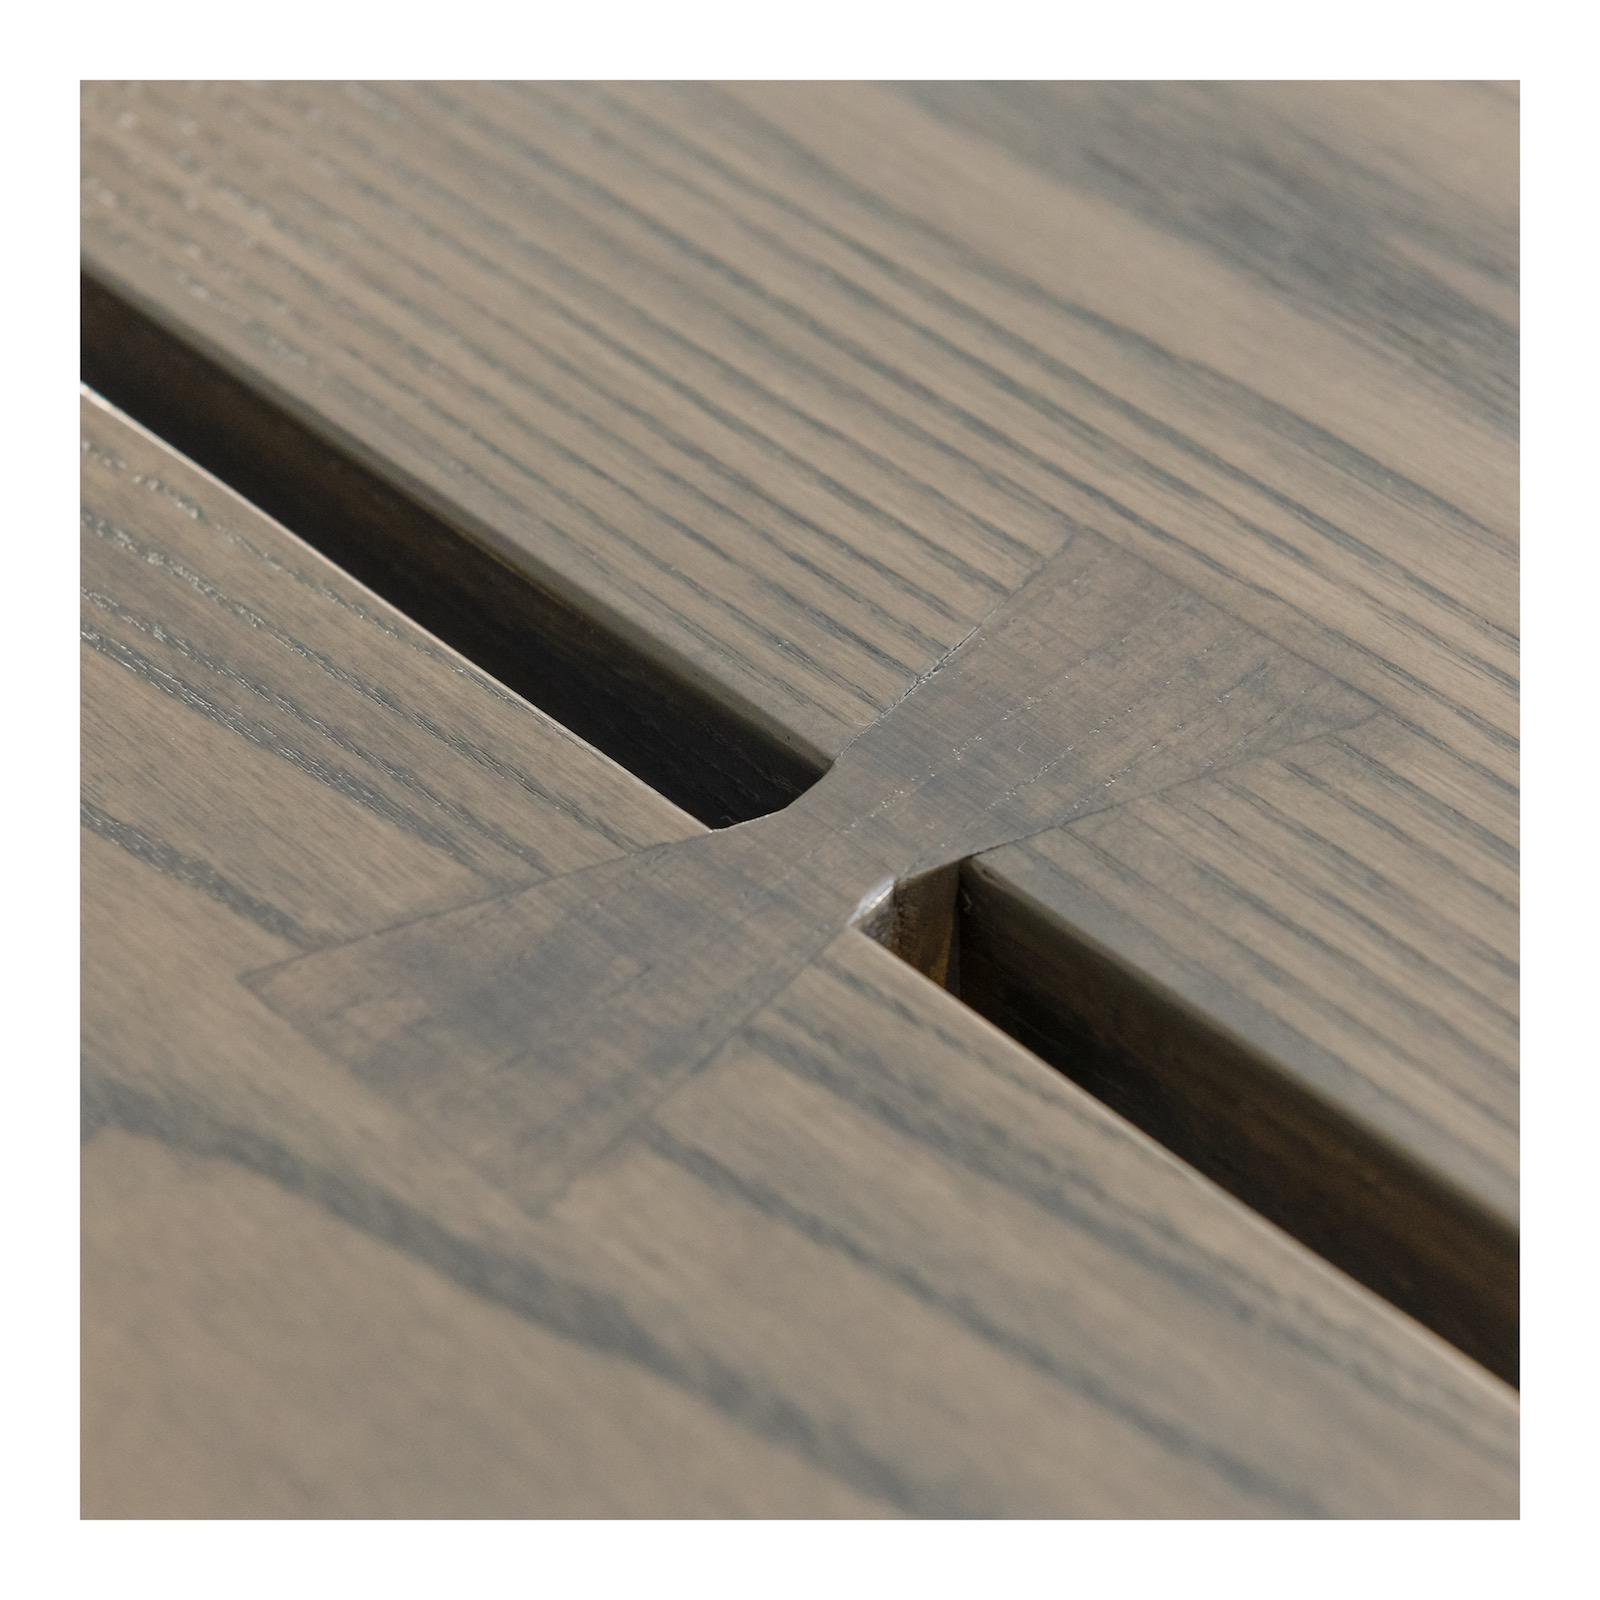 Woodcraft_Furniture_KubricDiningTable-8-1-1.jpg